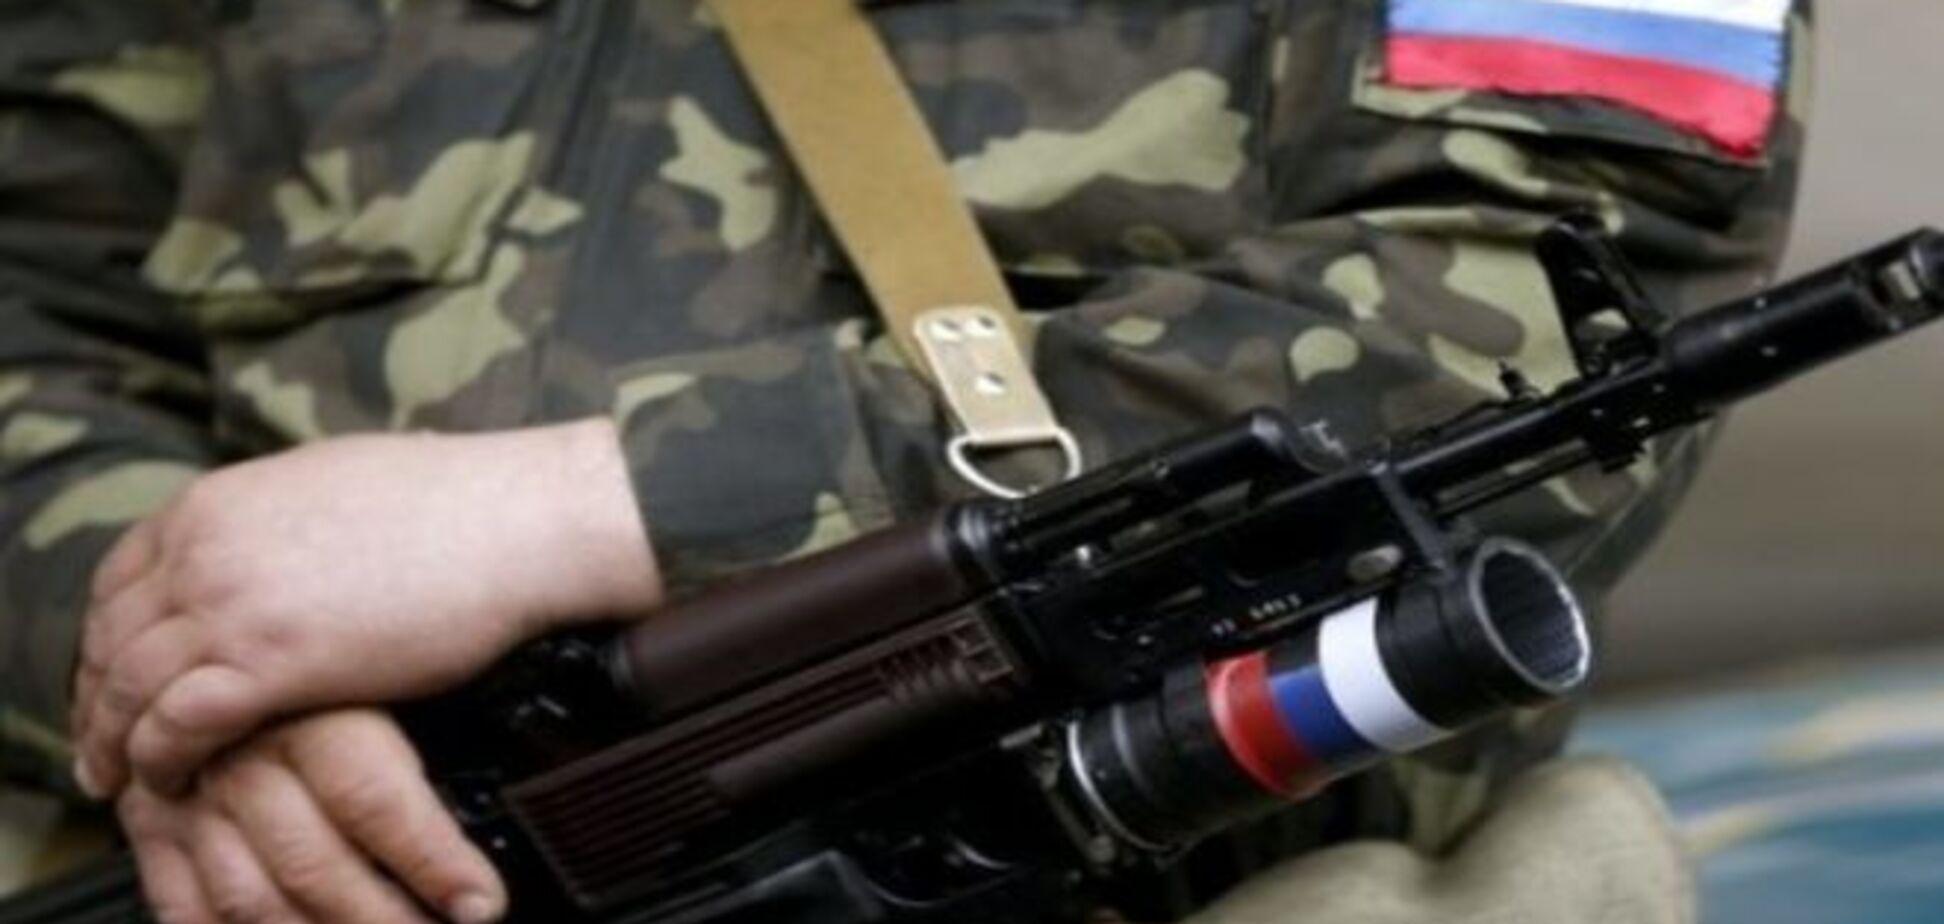 В Ужгороде поймали террориста, который убивал и грабил, прикрываясь 'Айдаром'